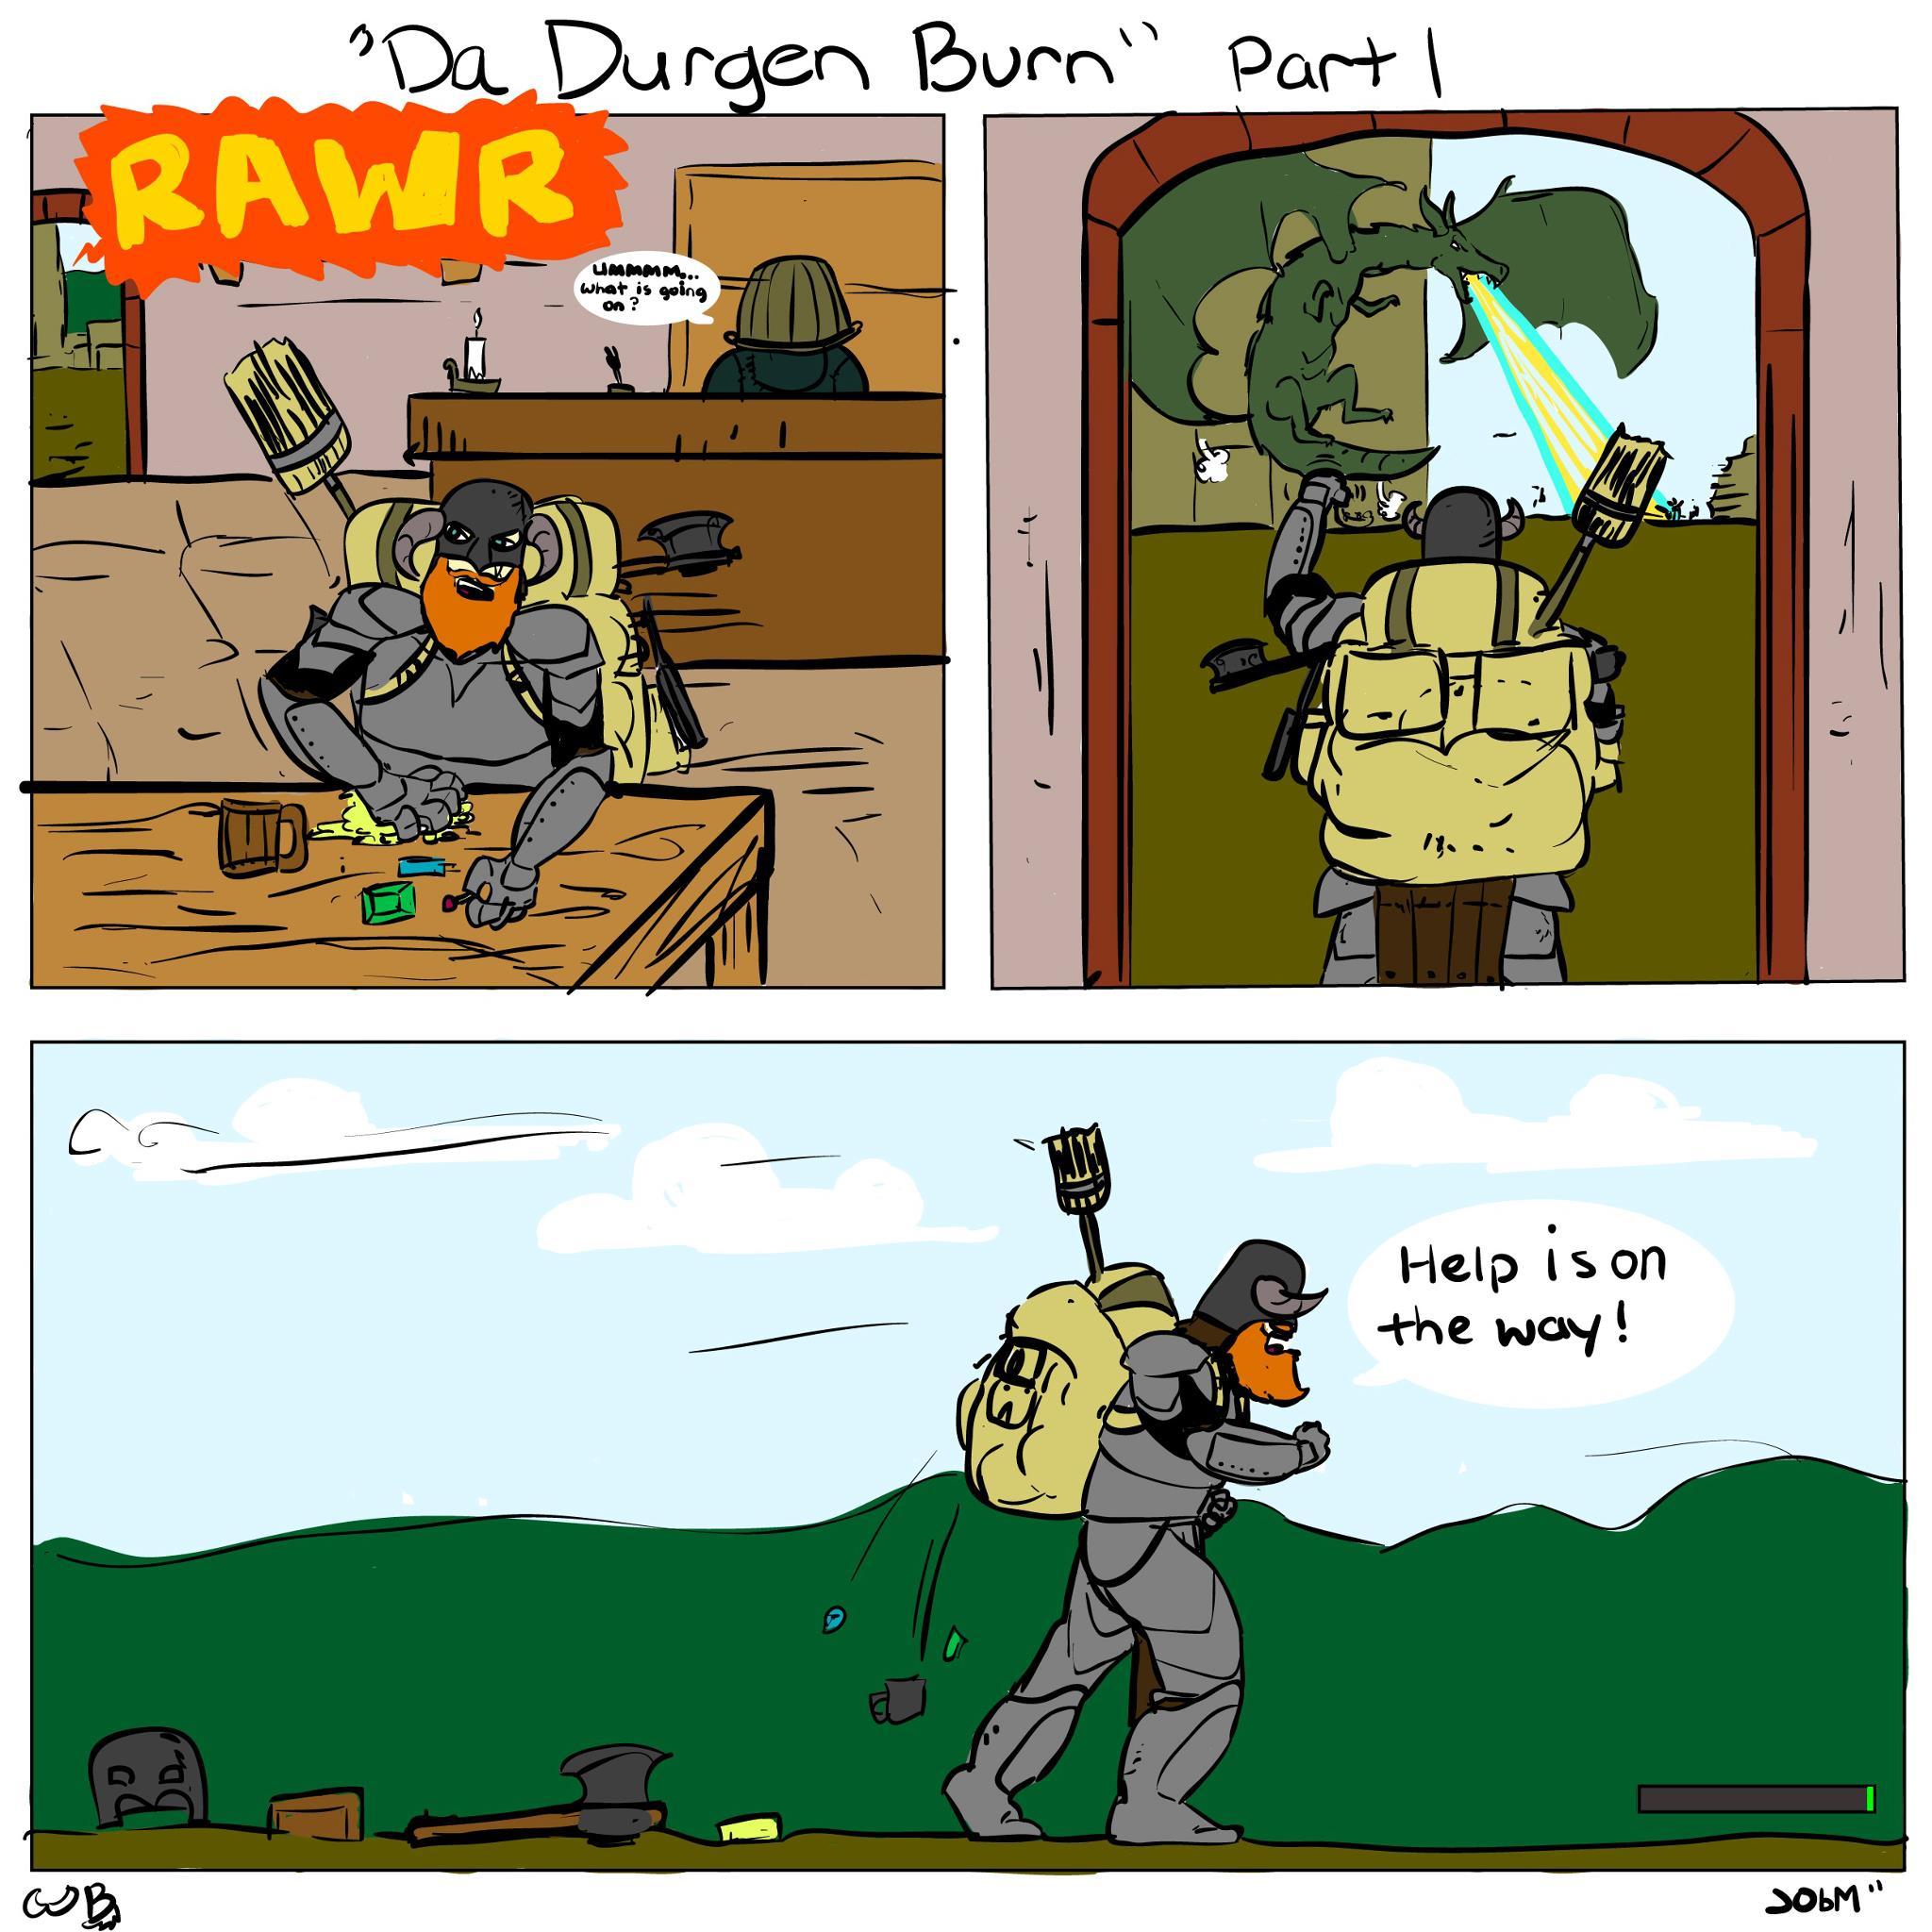 Da Durgen Burn, Part 1